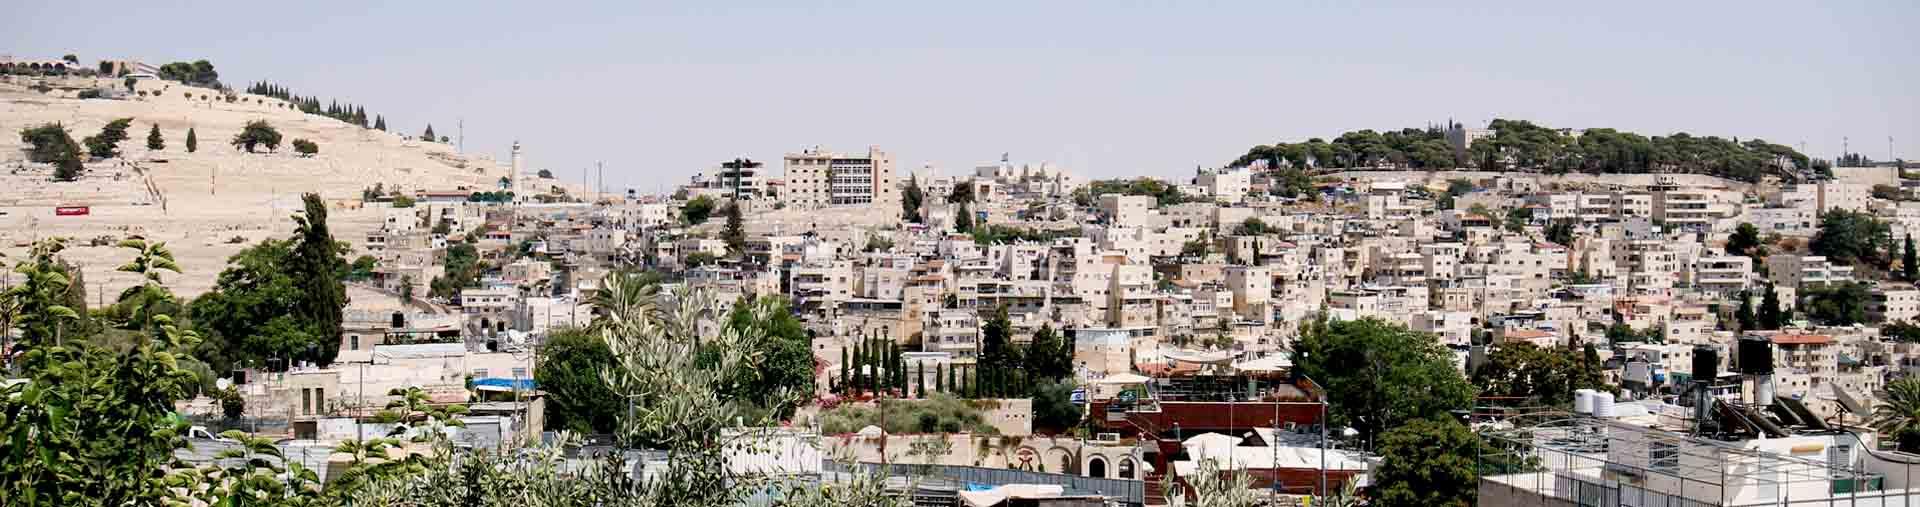 jerusalem City of David